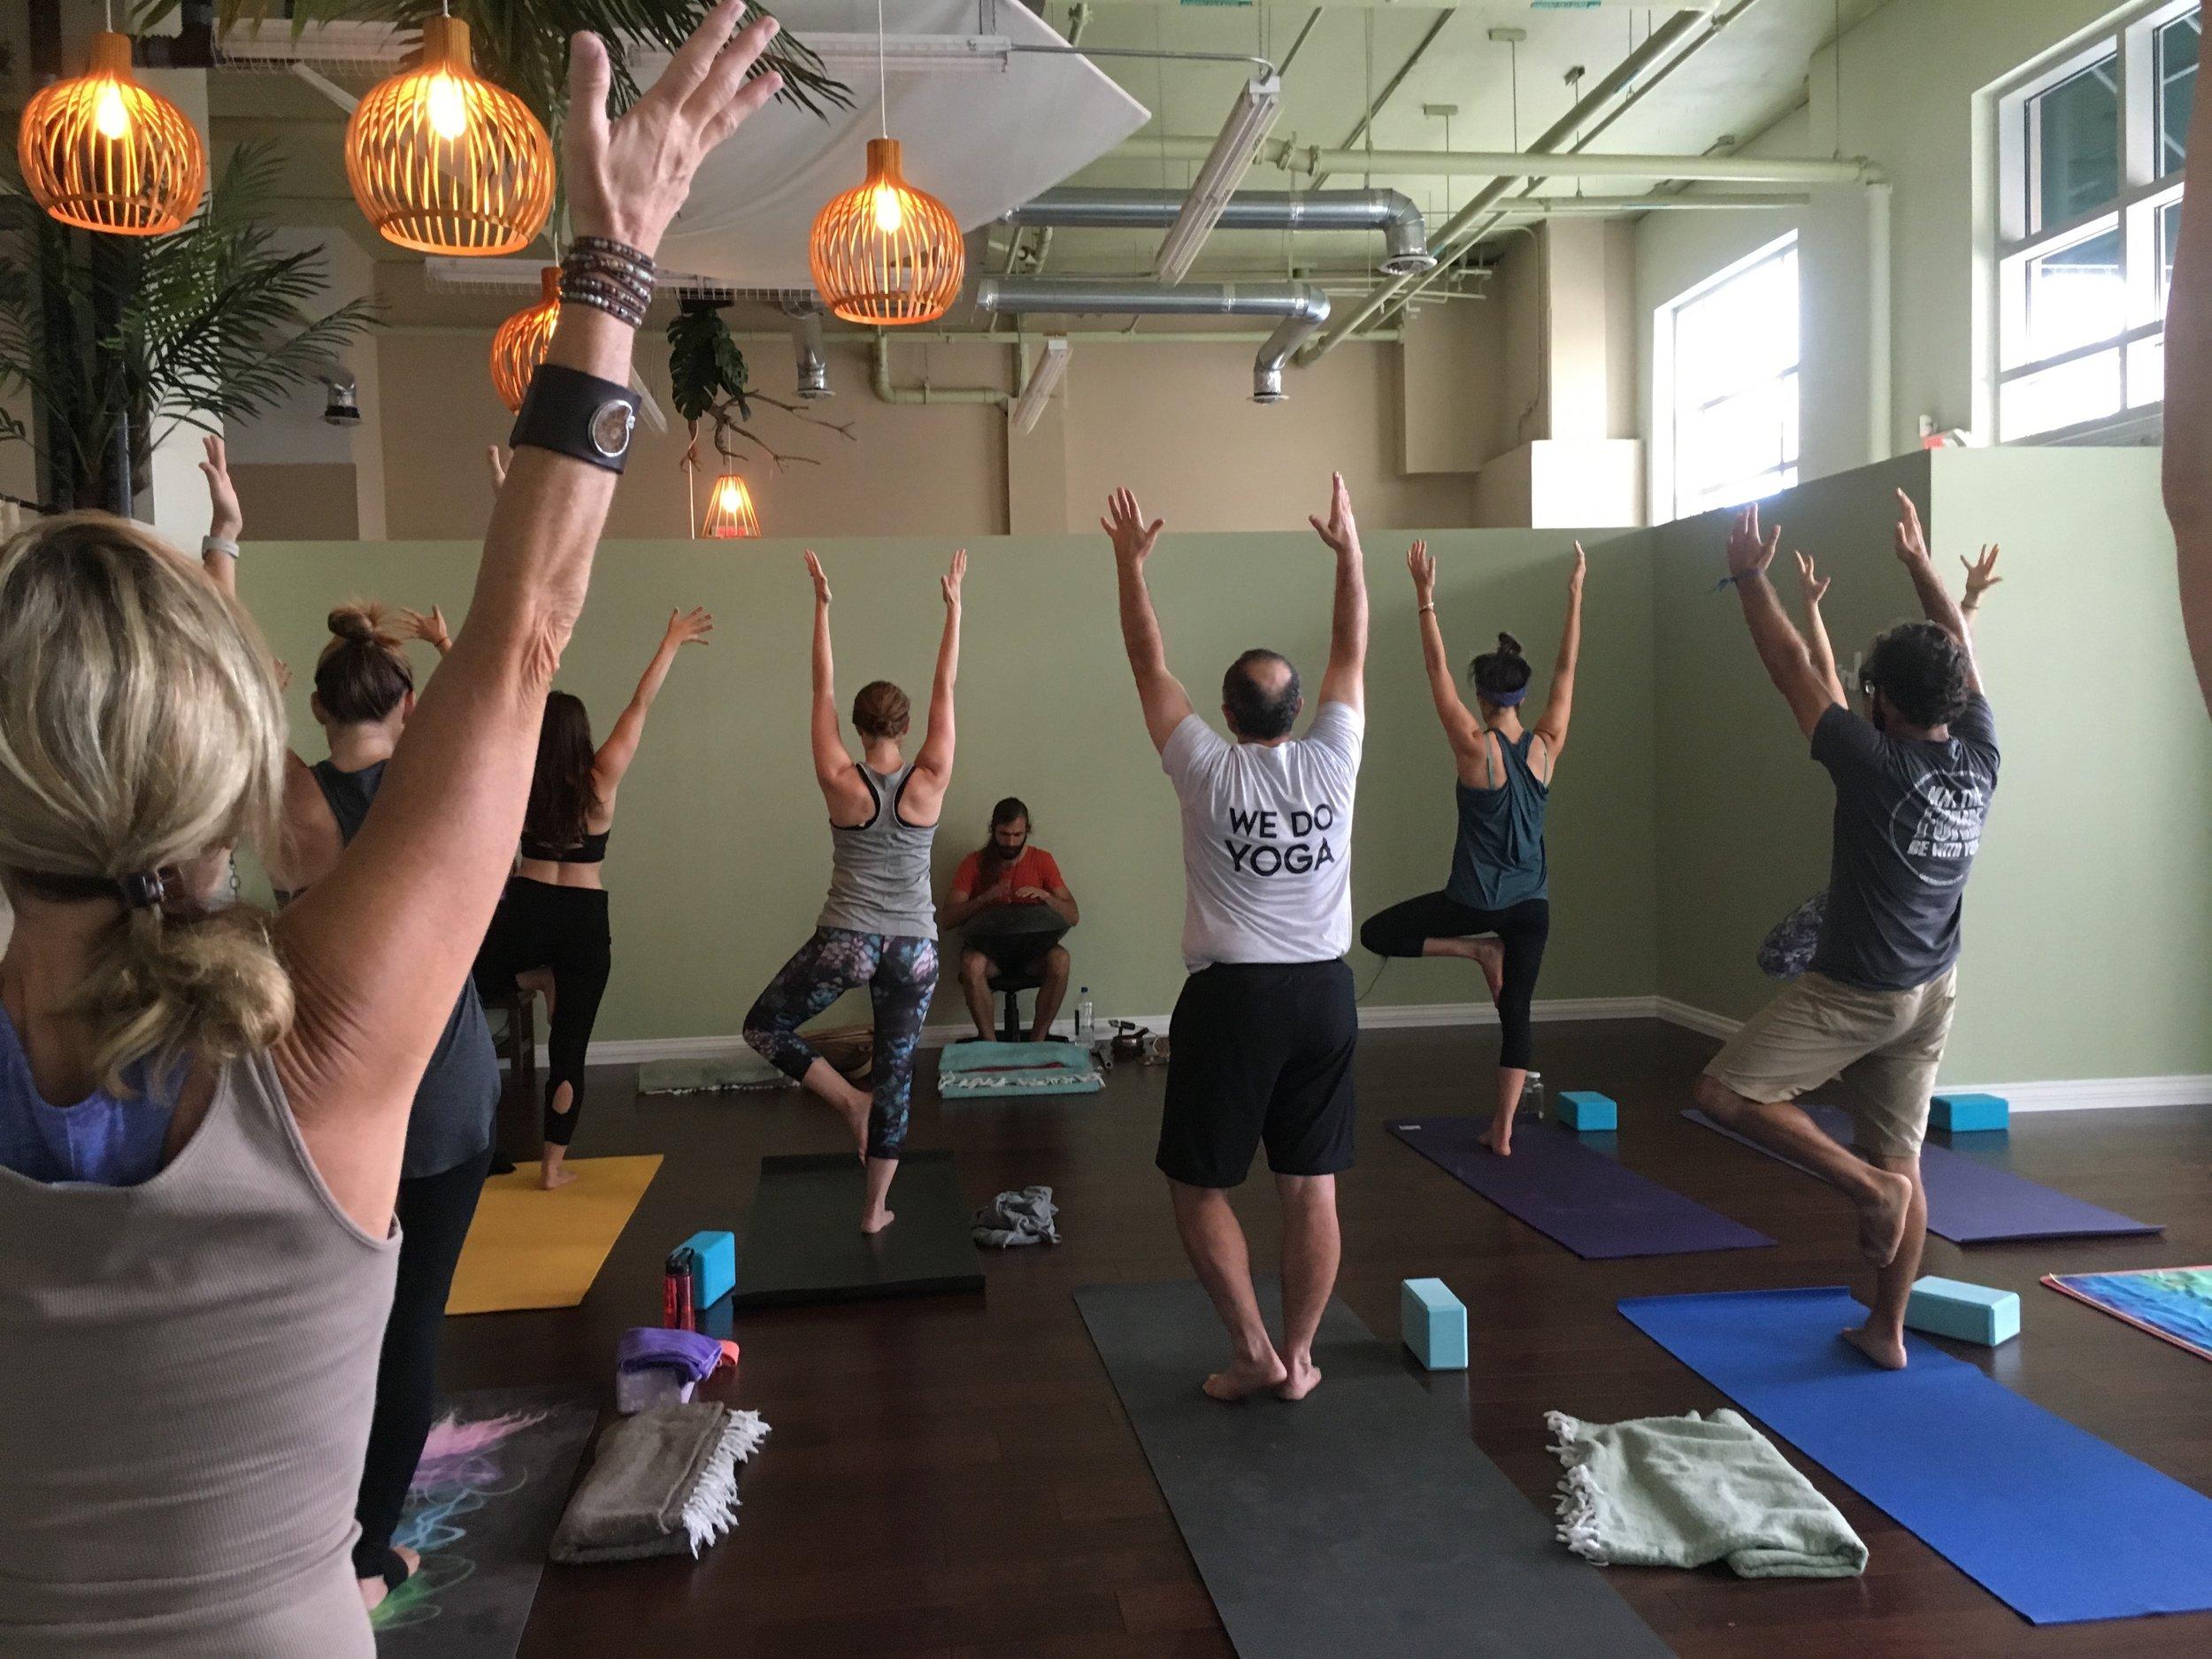 - Yoga and Yoga Teacher Trainings